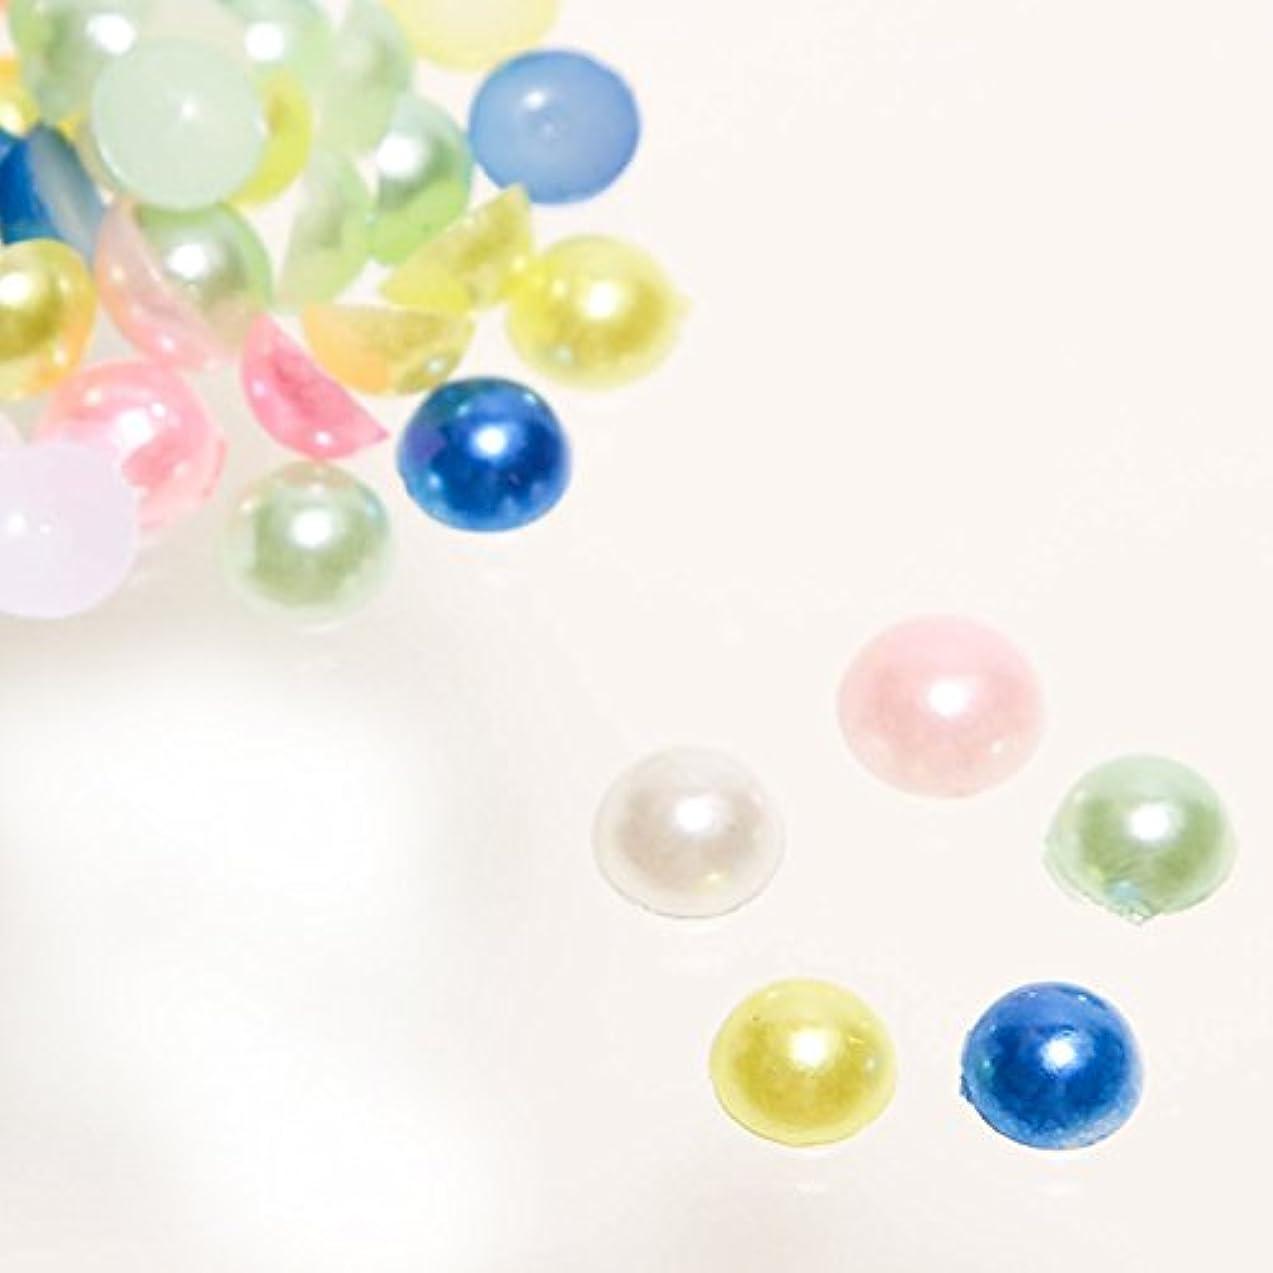 メアリアンジョーンズ脚本家織るパール 全色ミックス マルポコ パールストーン 半球 (サイズ選択可能)【ラインストーン77】 (6mm(200粒))